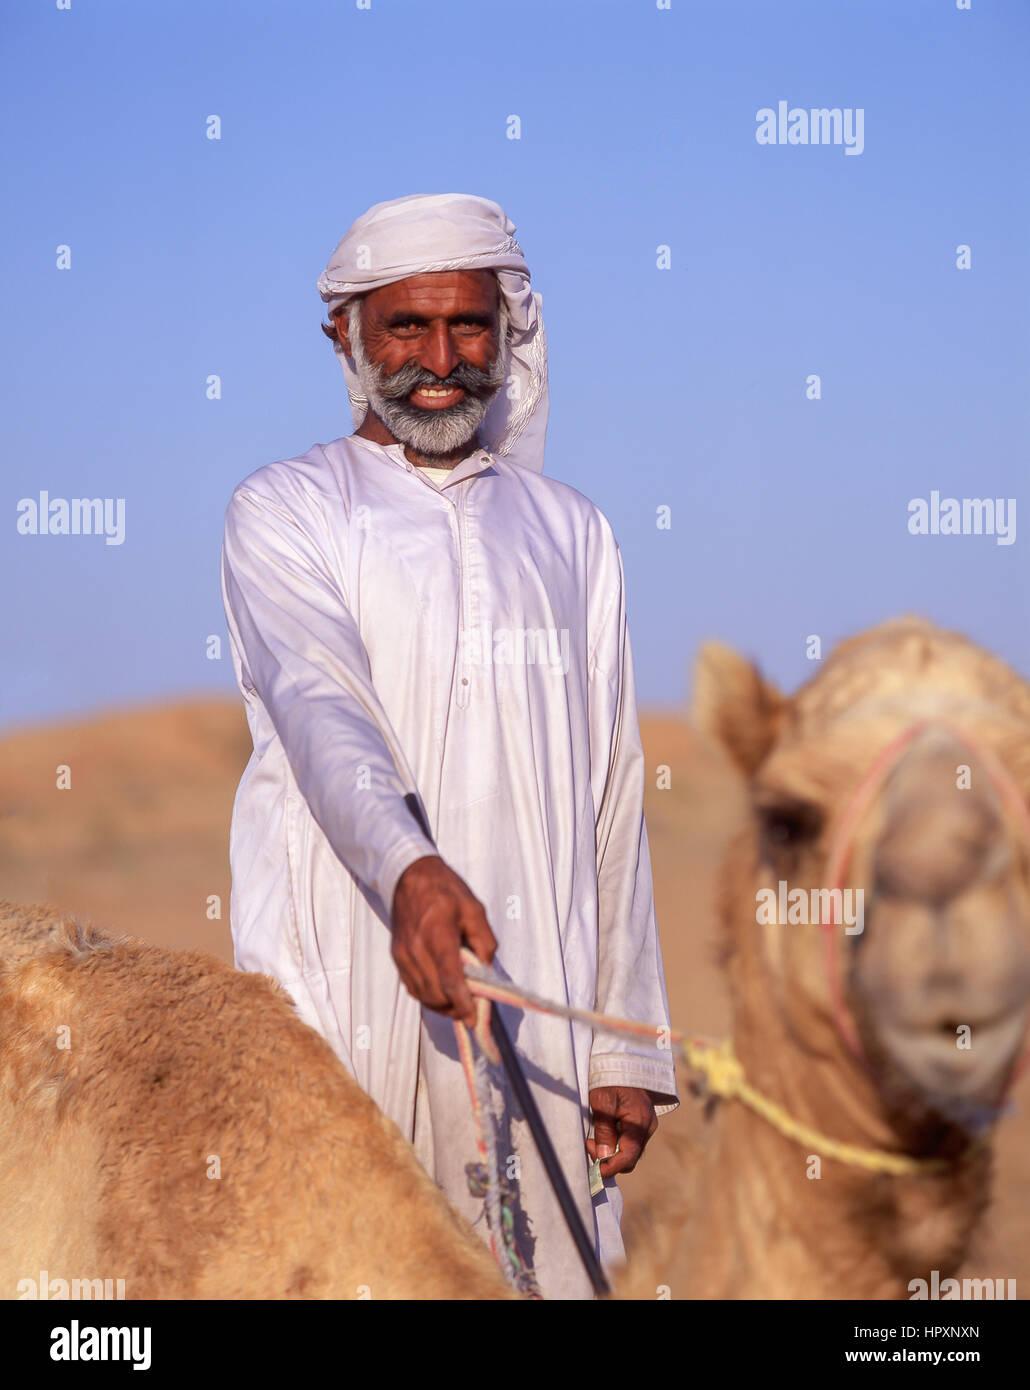 Conductor de camellos sonriente con camellos, Desierto de Dubai, Dubai, Emiratos Árabes Unidos. Imagen De Stock